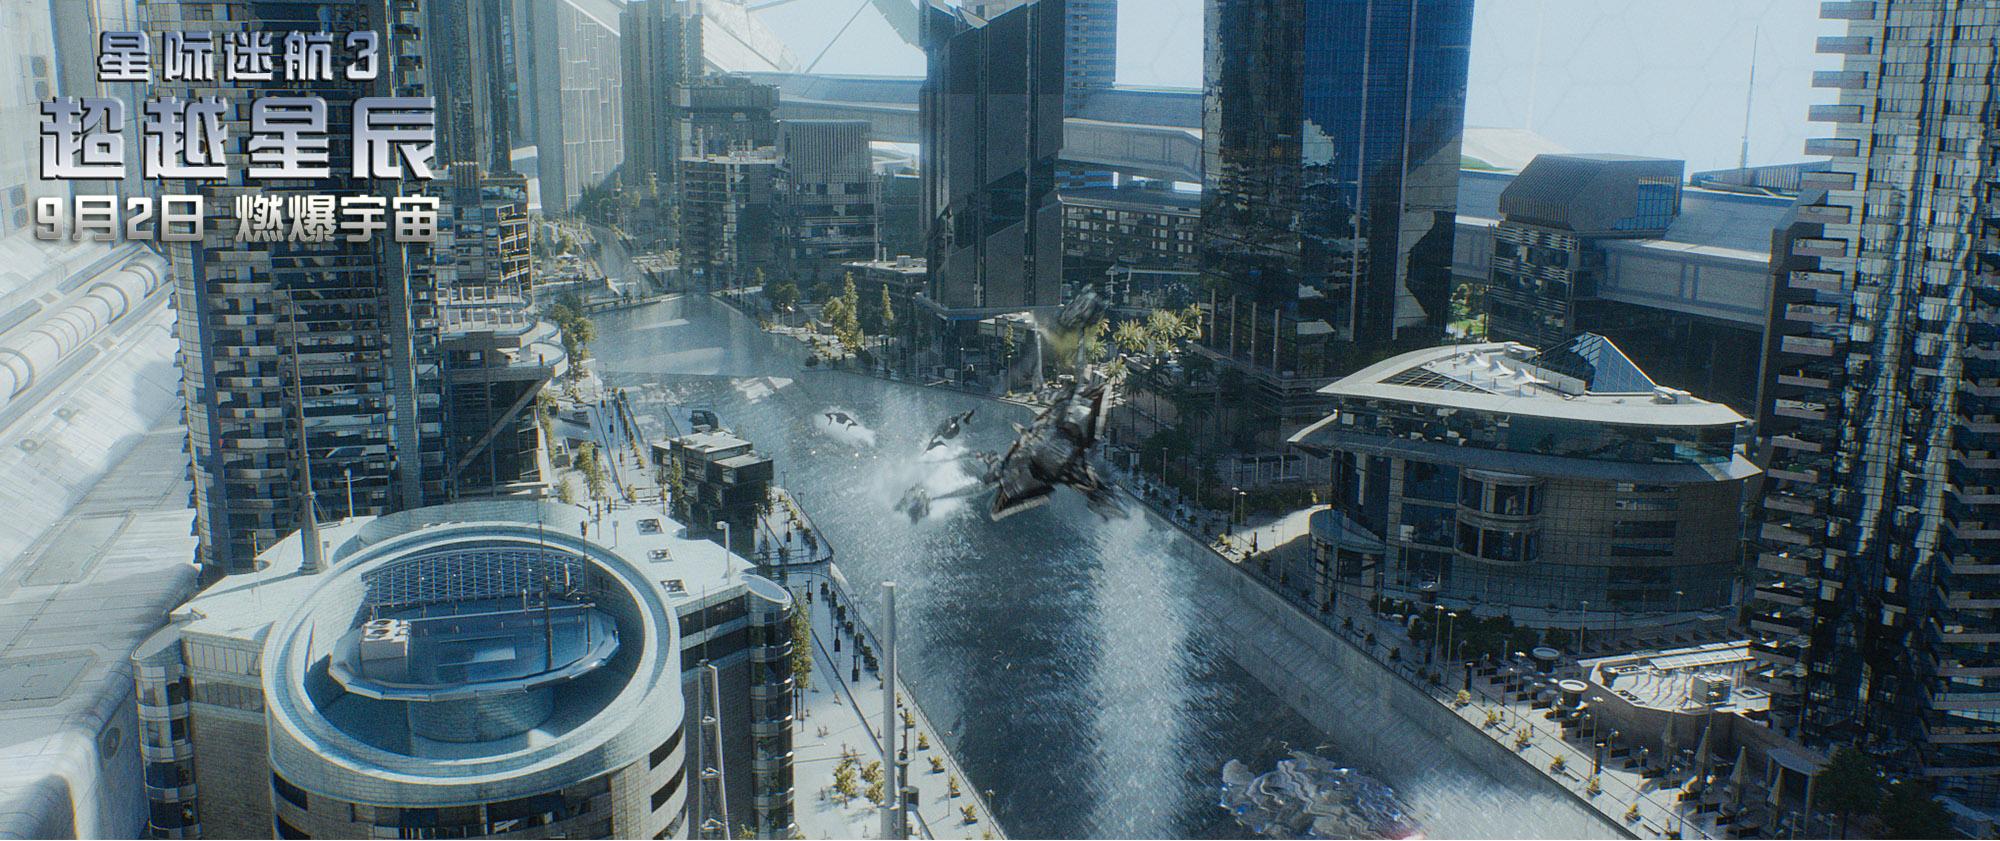 《星际迷航3》曝导演特辑 打造太空版速度激情